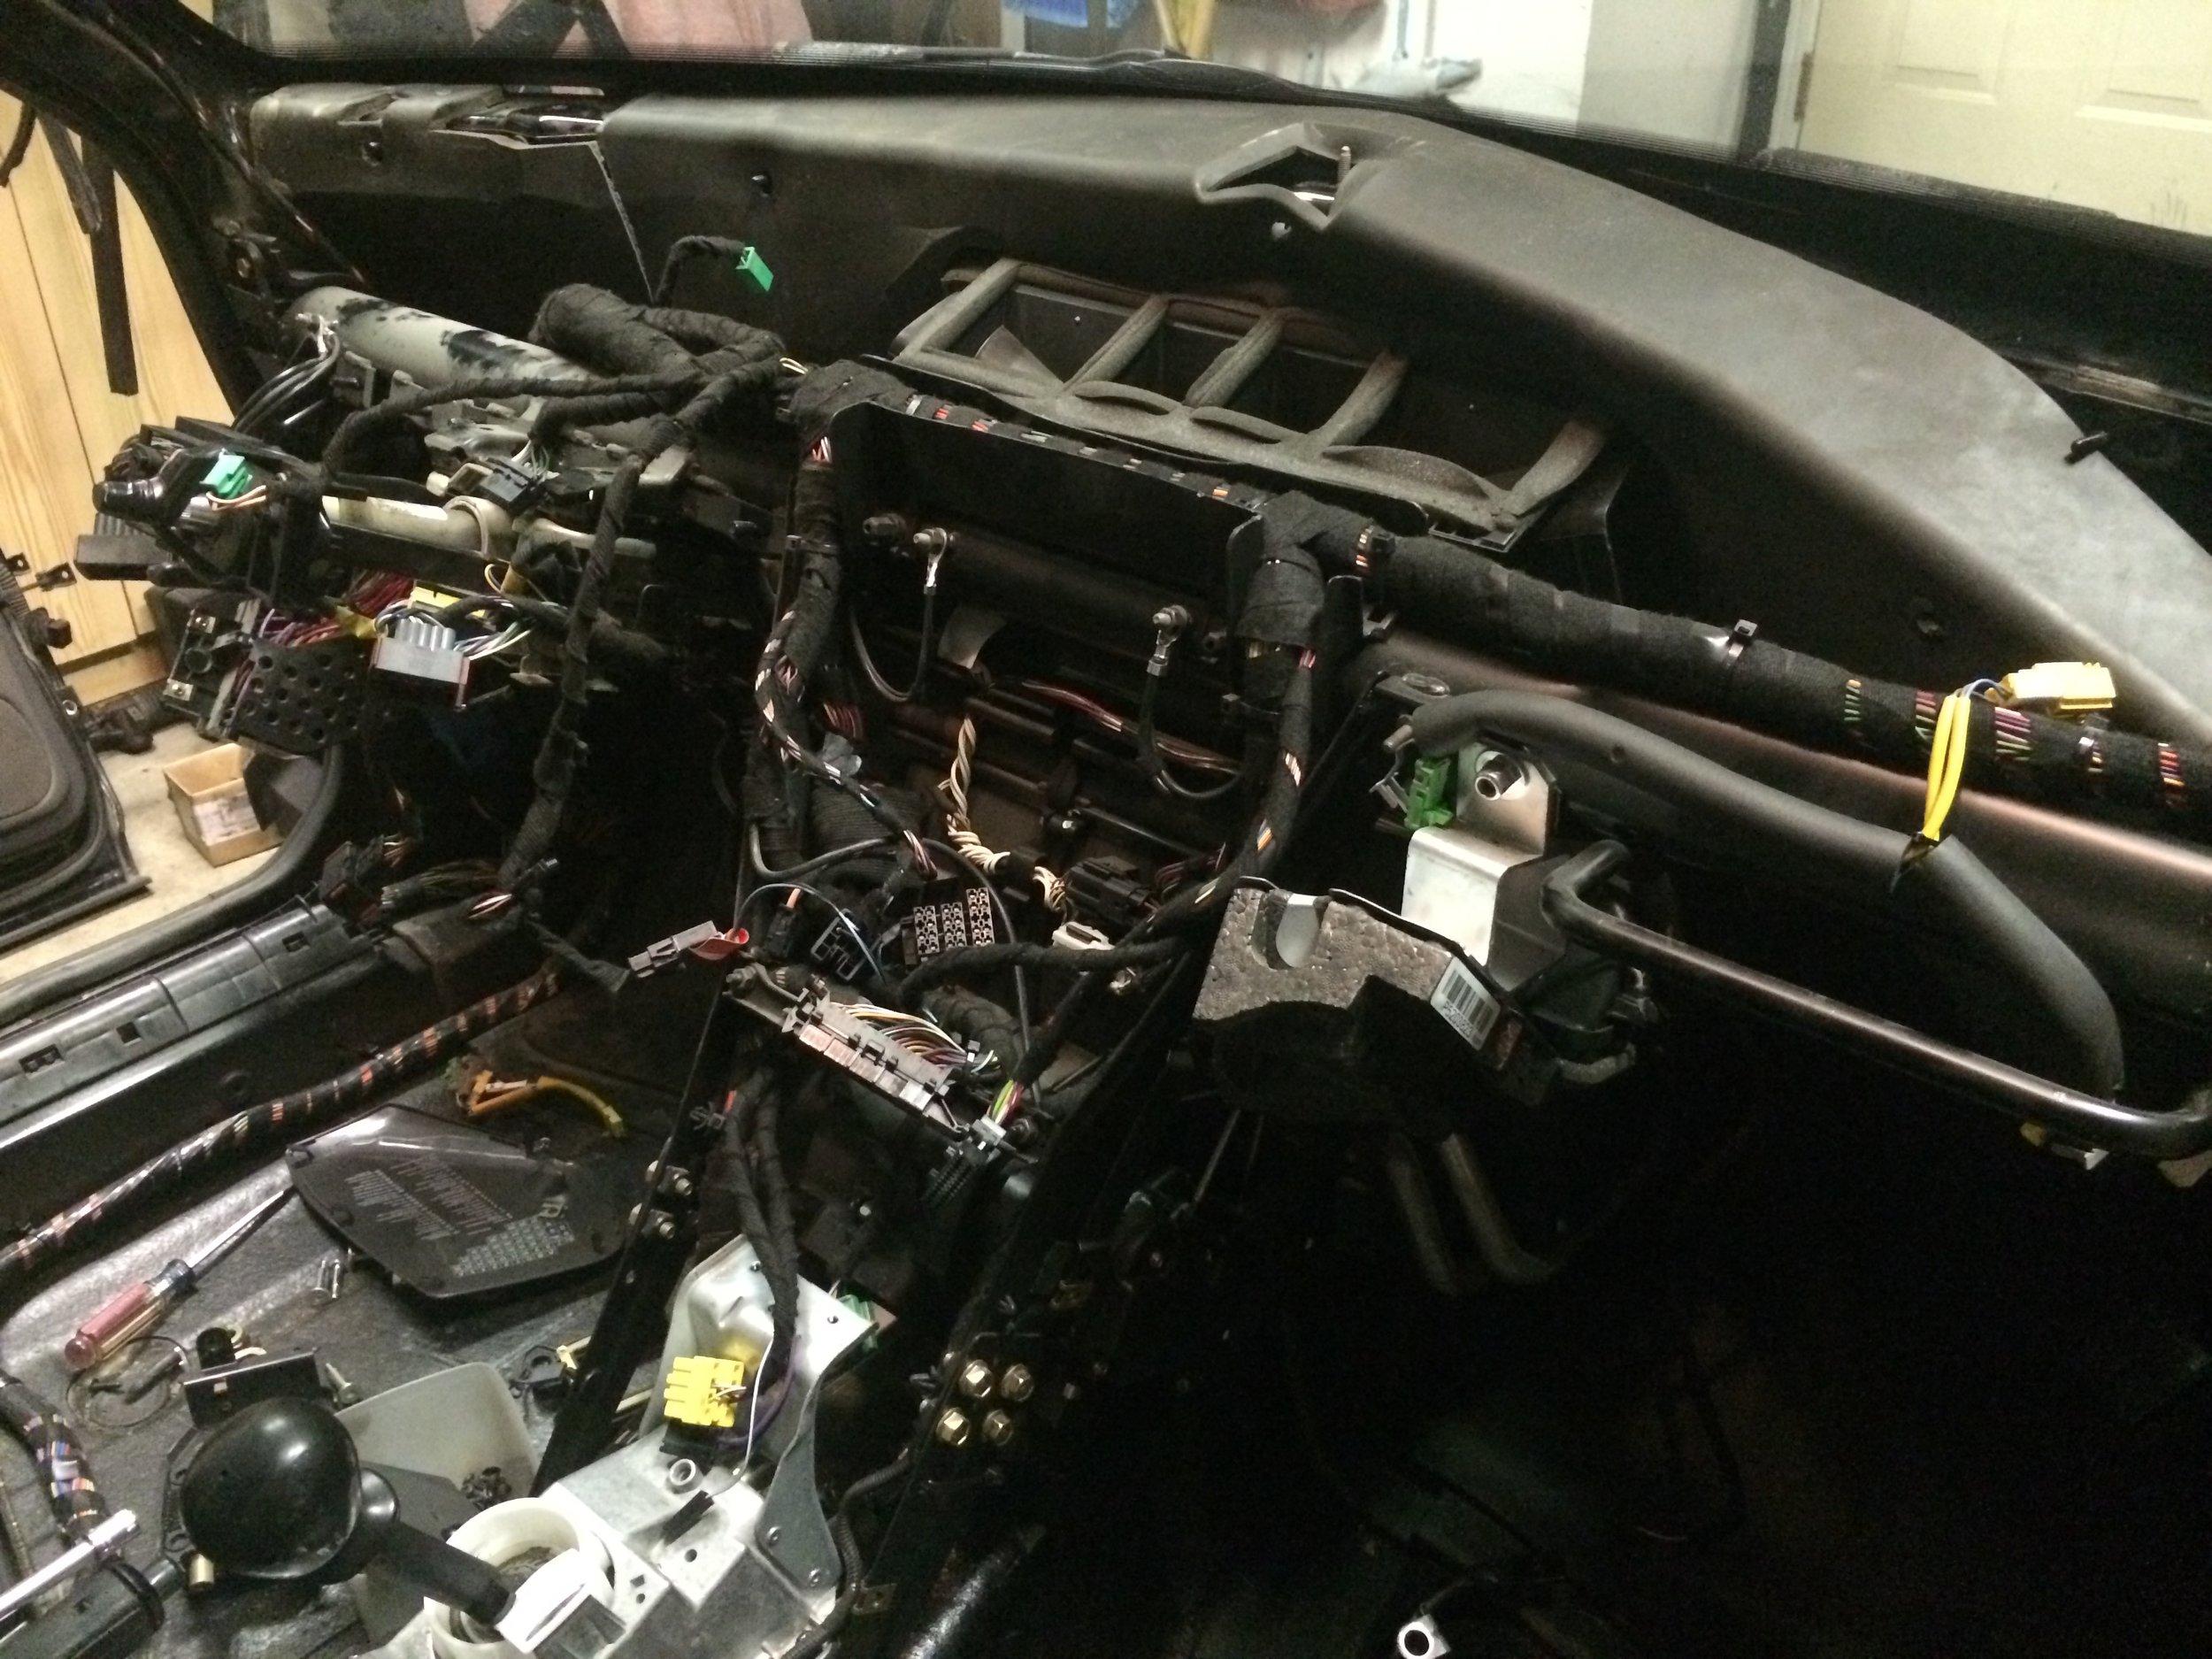 3177A7D5-F5C6-4692-8E2C-A7AD86D0A2EC.JPG